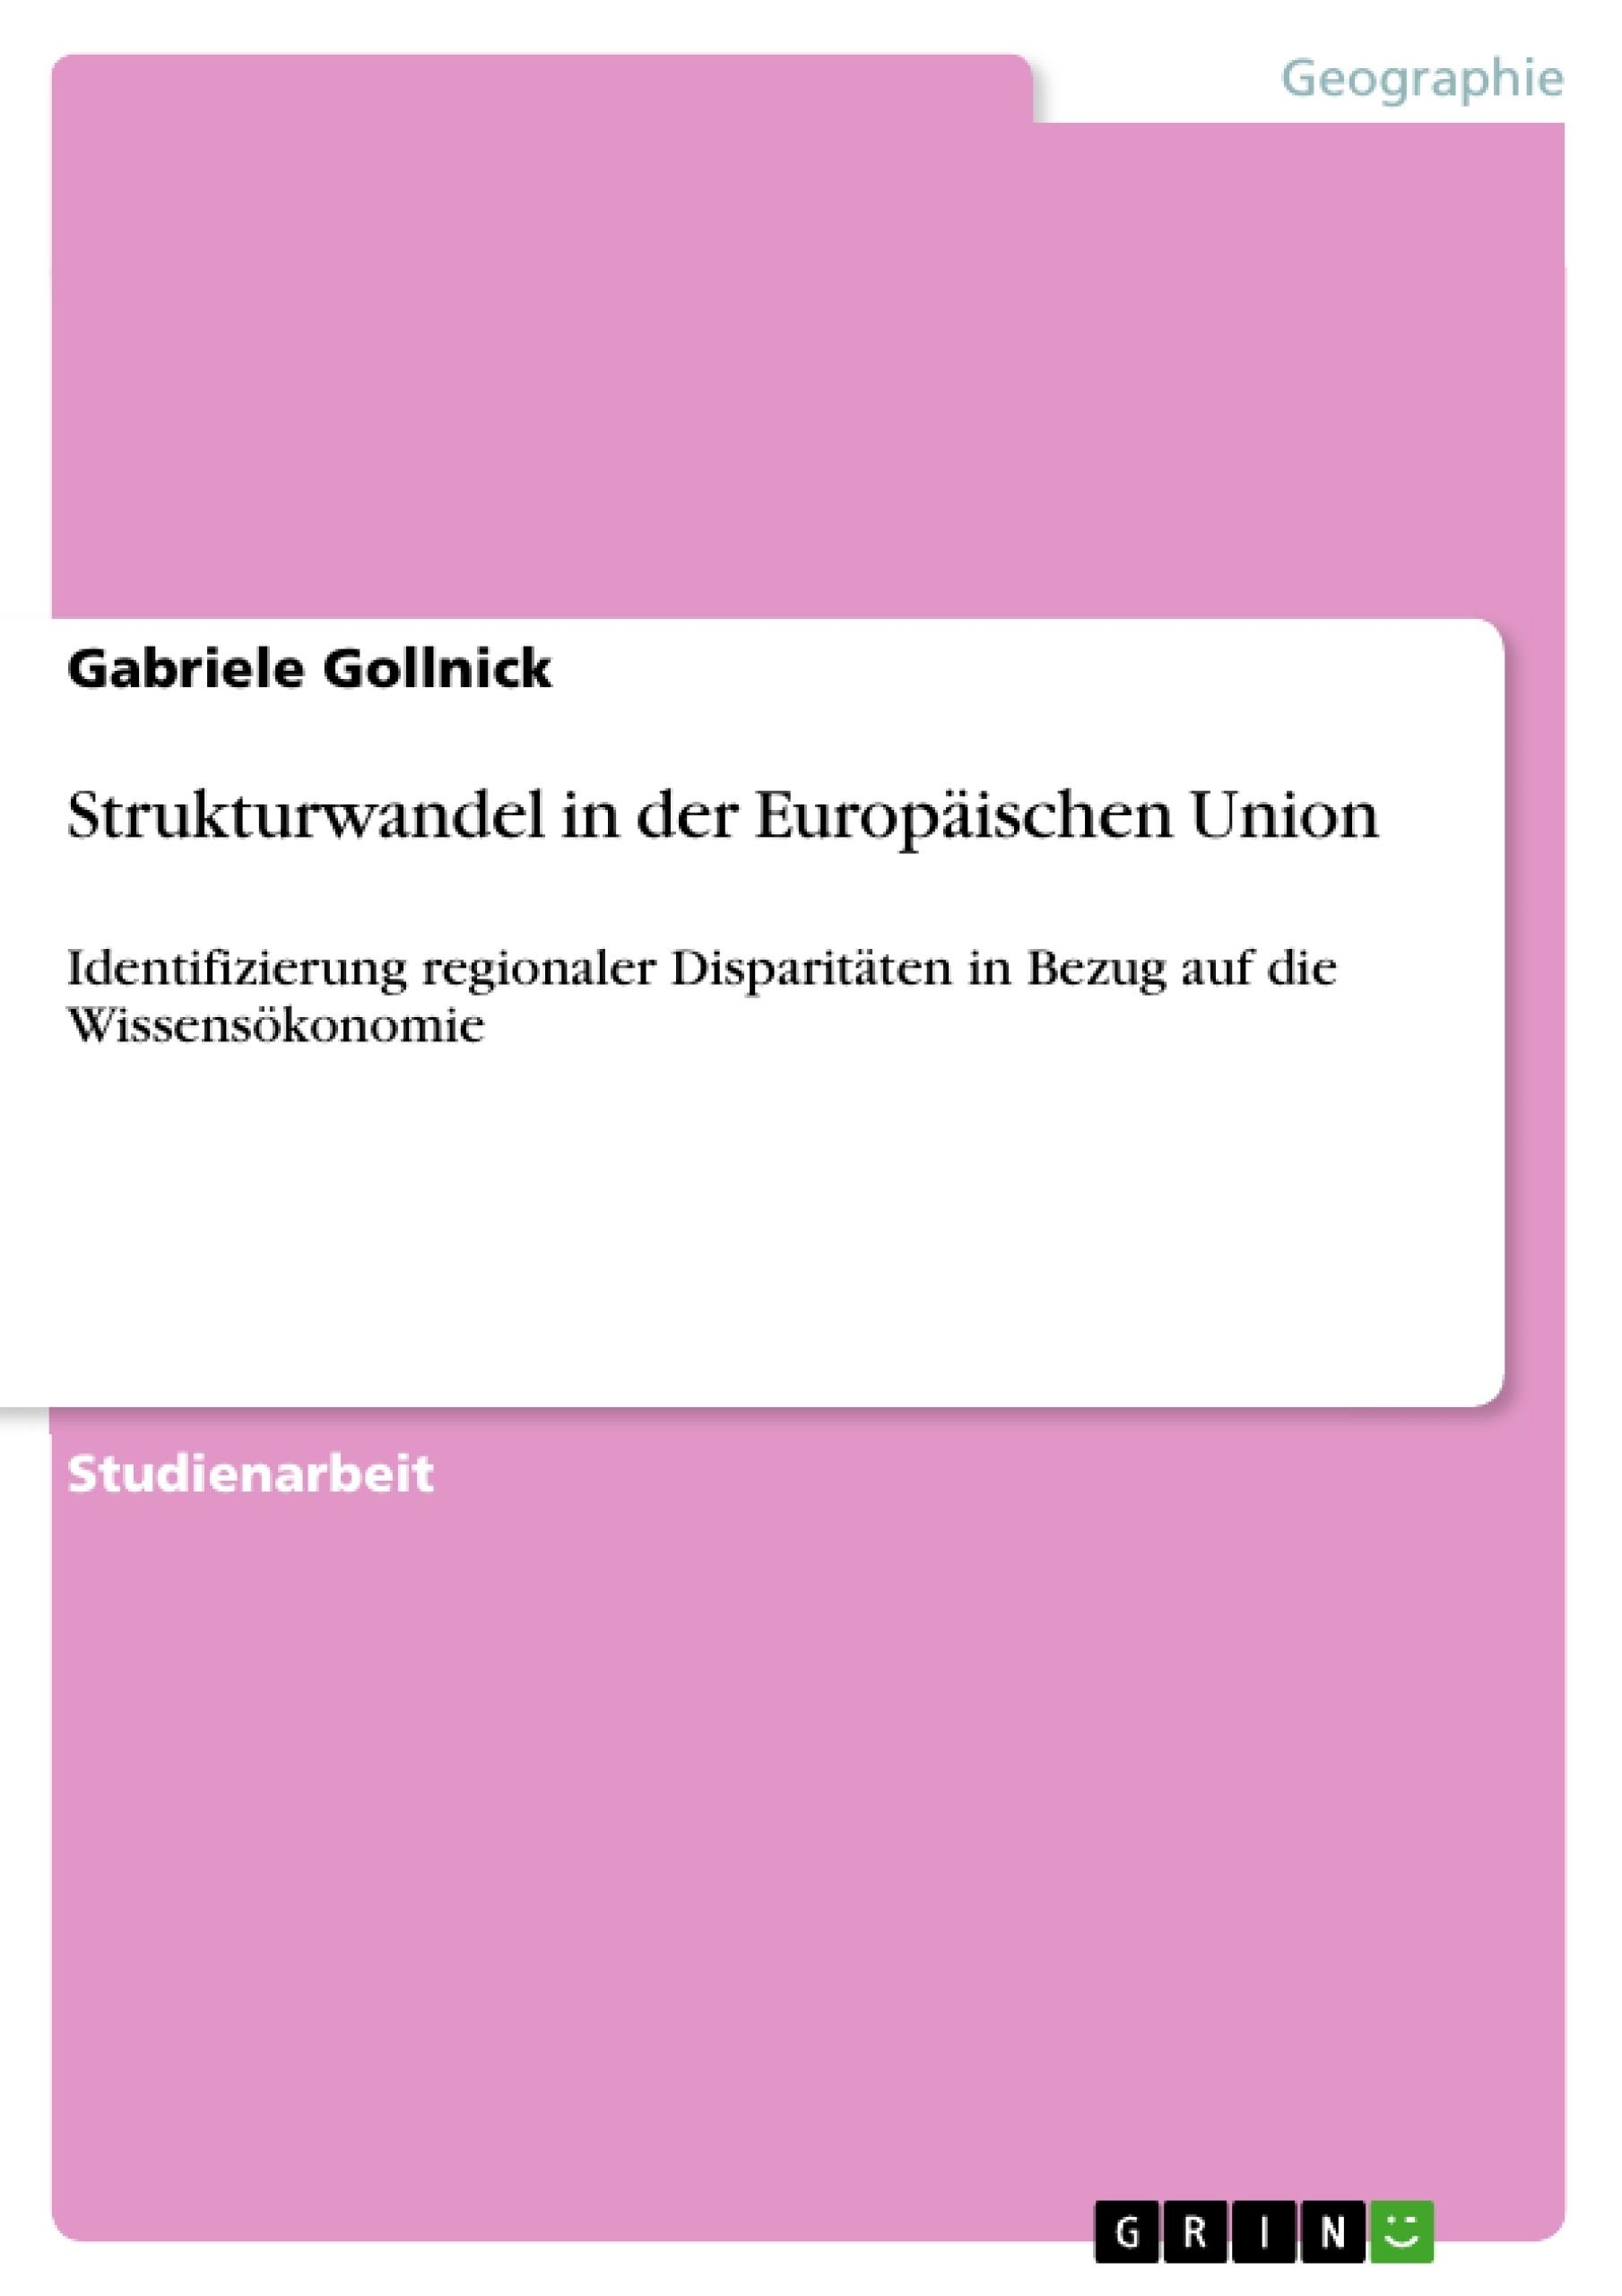 Titel: Strukturwandel in der Europäischen Union